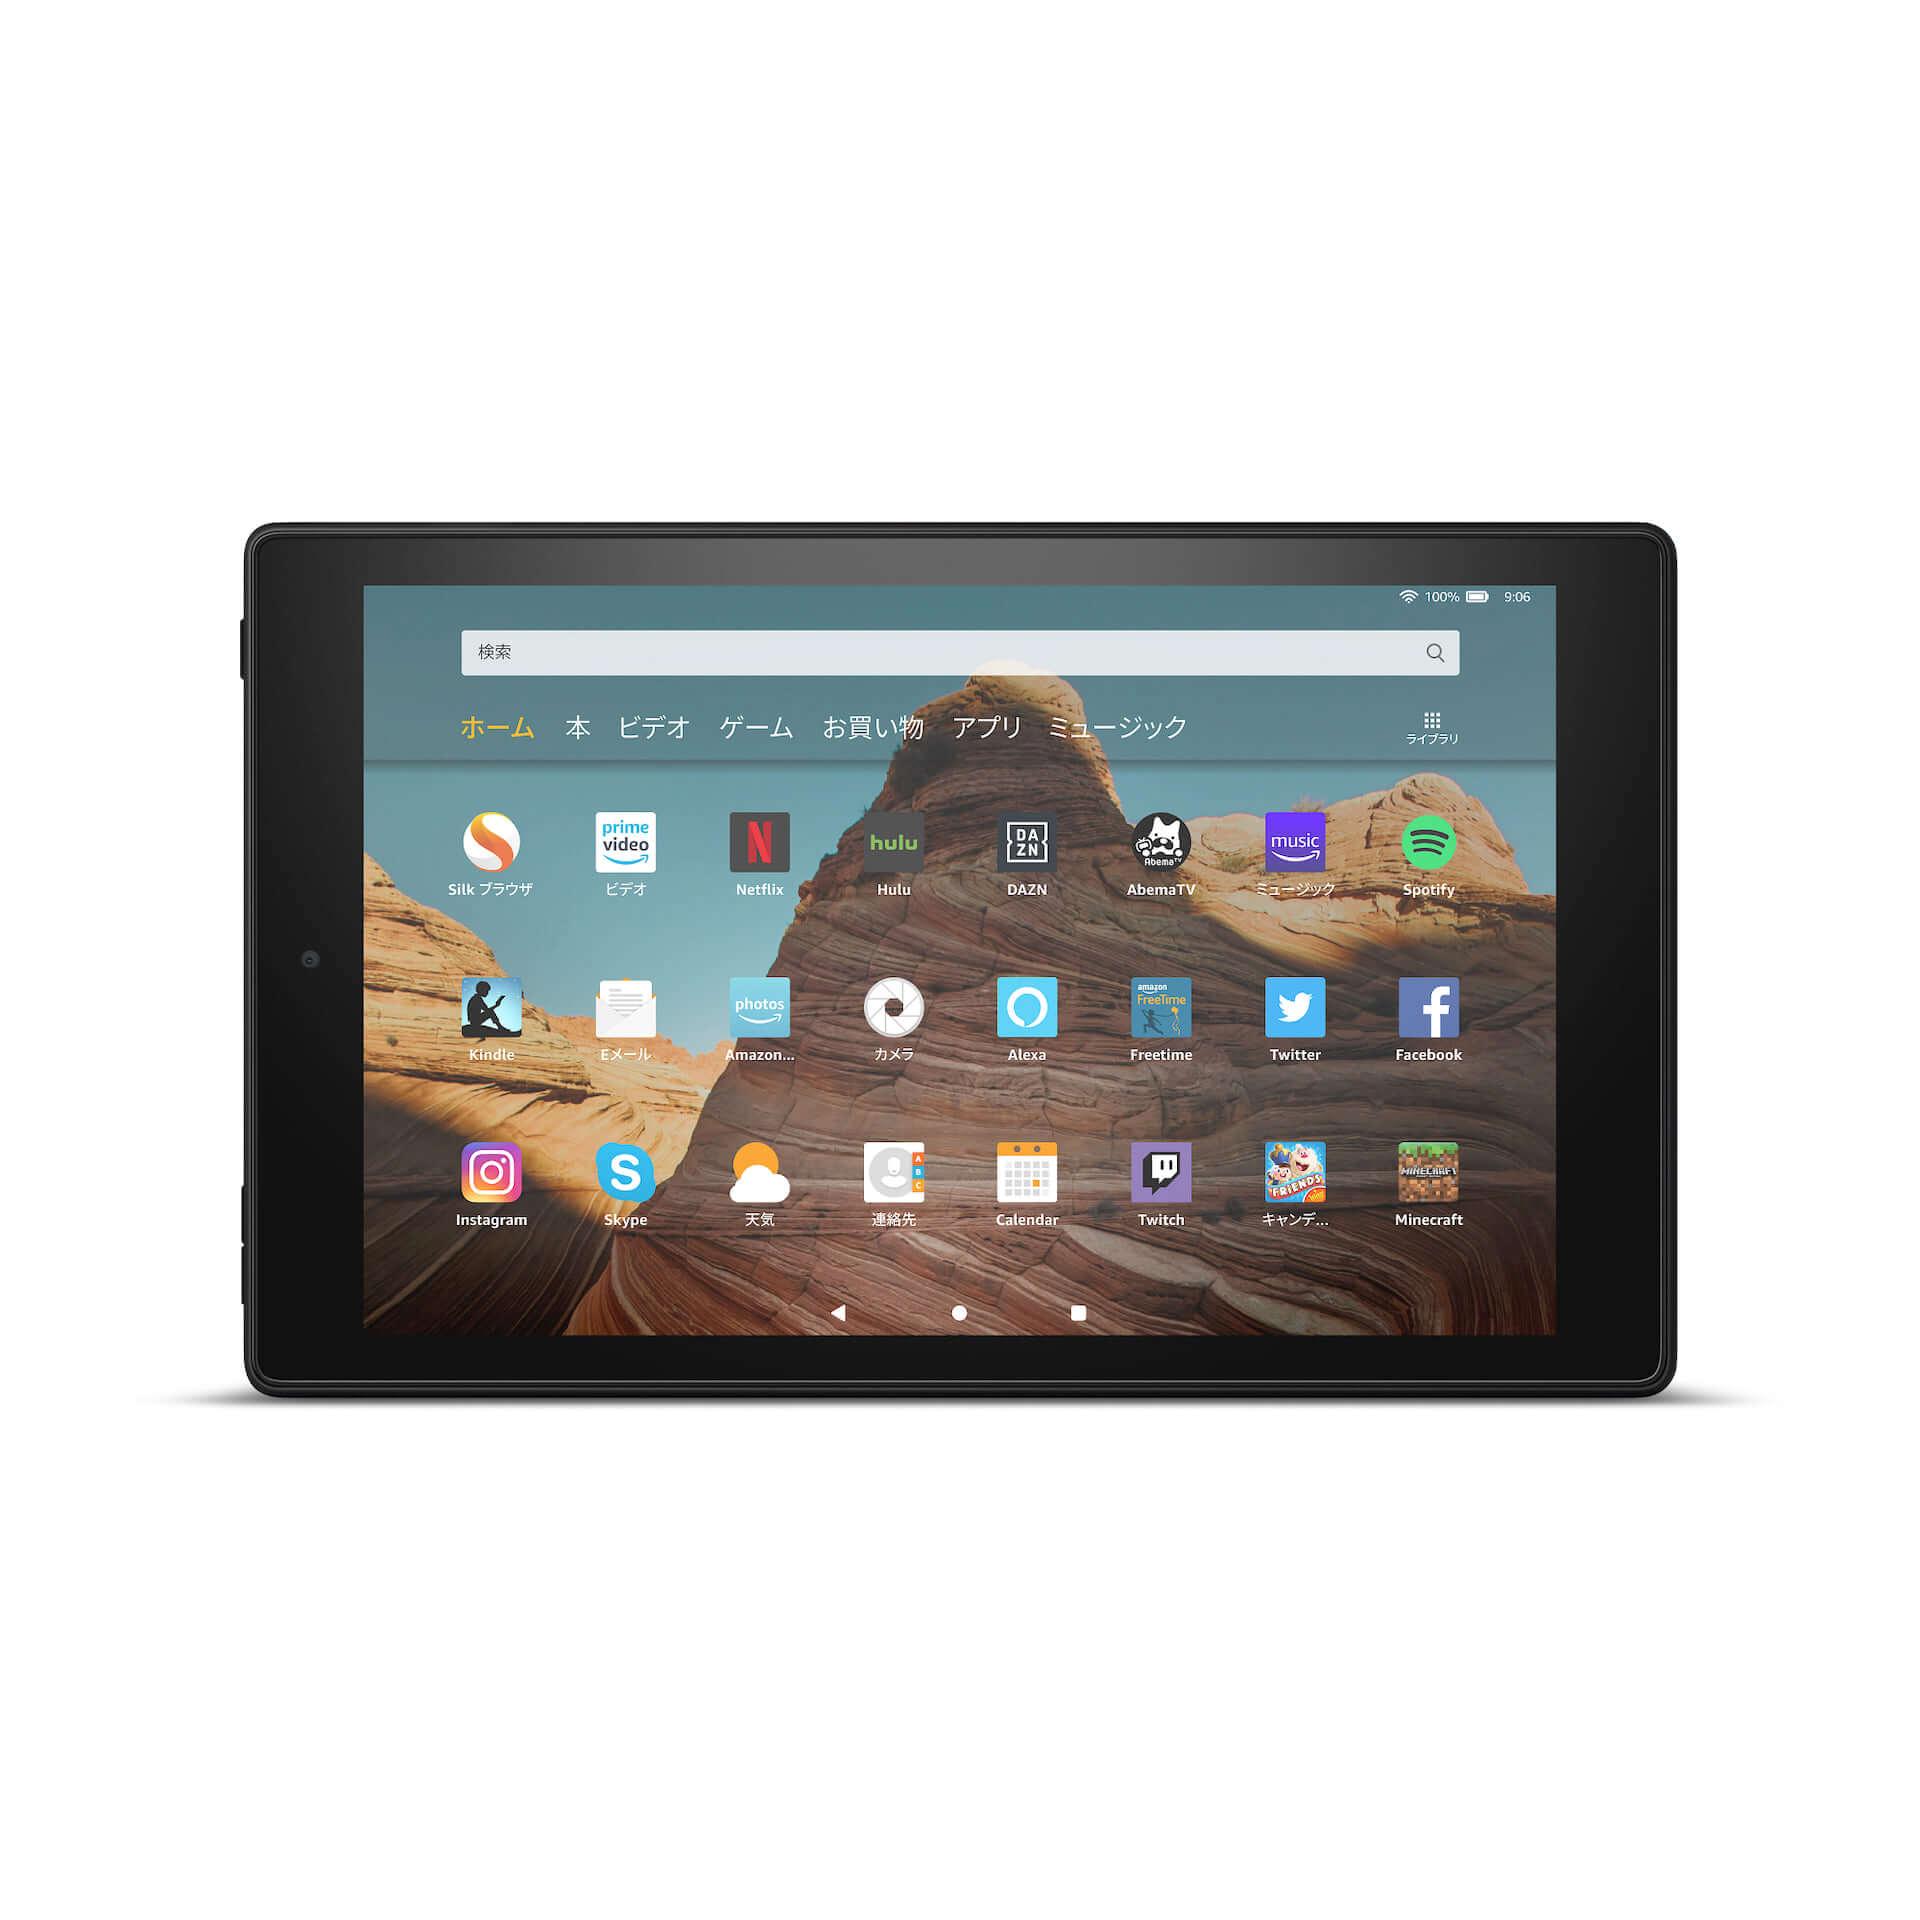 Amazon、大画面10.1インチ、USB Type-C搭載の「Fire HD 10 タブレット」が新登場! tech191008fire-hd-10_02-1920x1920